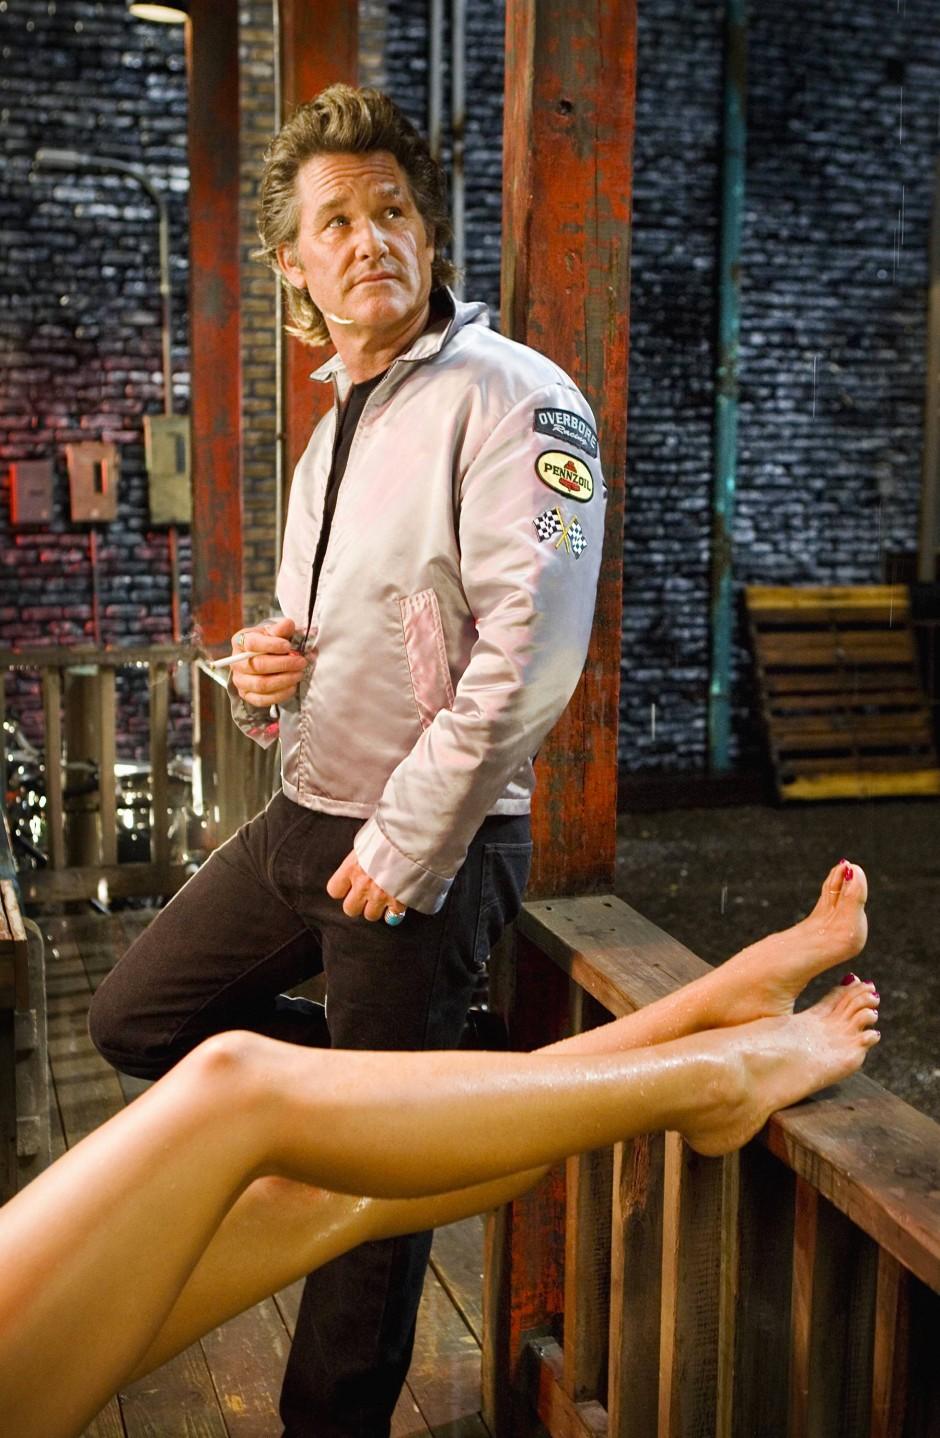 """Kultig: In """"Death Proof - Todsicher"""" spielt Kurt Russel den mordenden Stuntman Mike."""